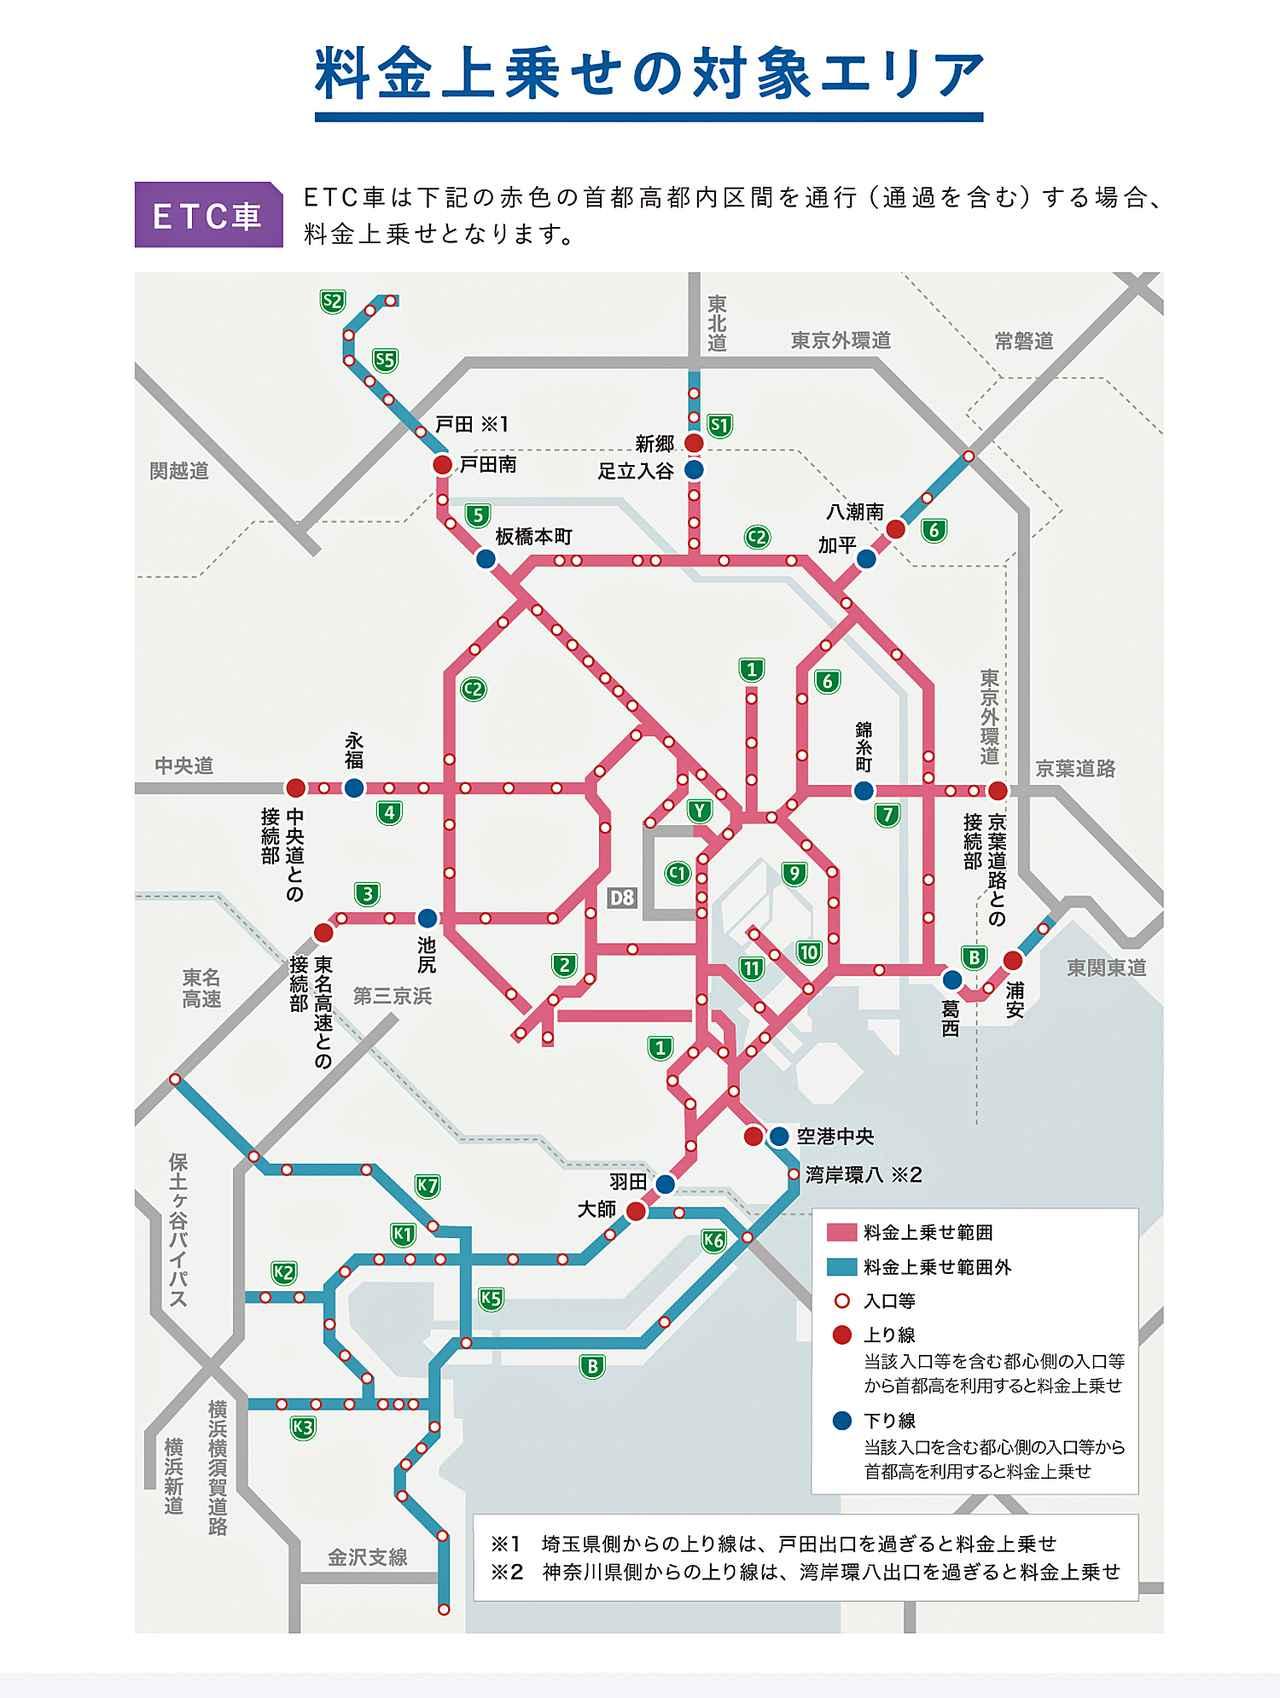 【首都高情報】東京オリンピック開催期間中に料金上乗せを実施。ただし、5割引になる時間帯も